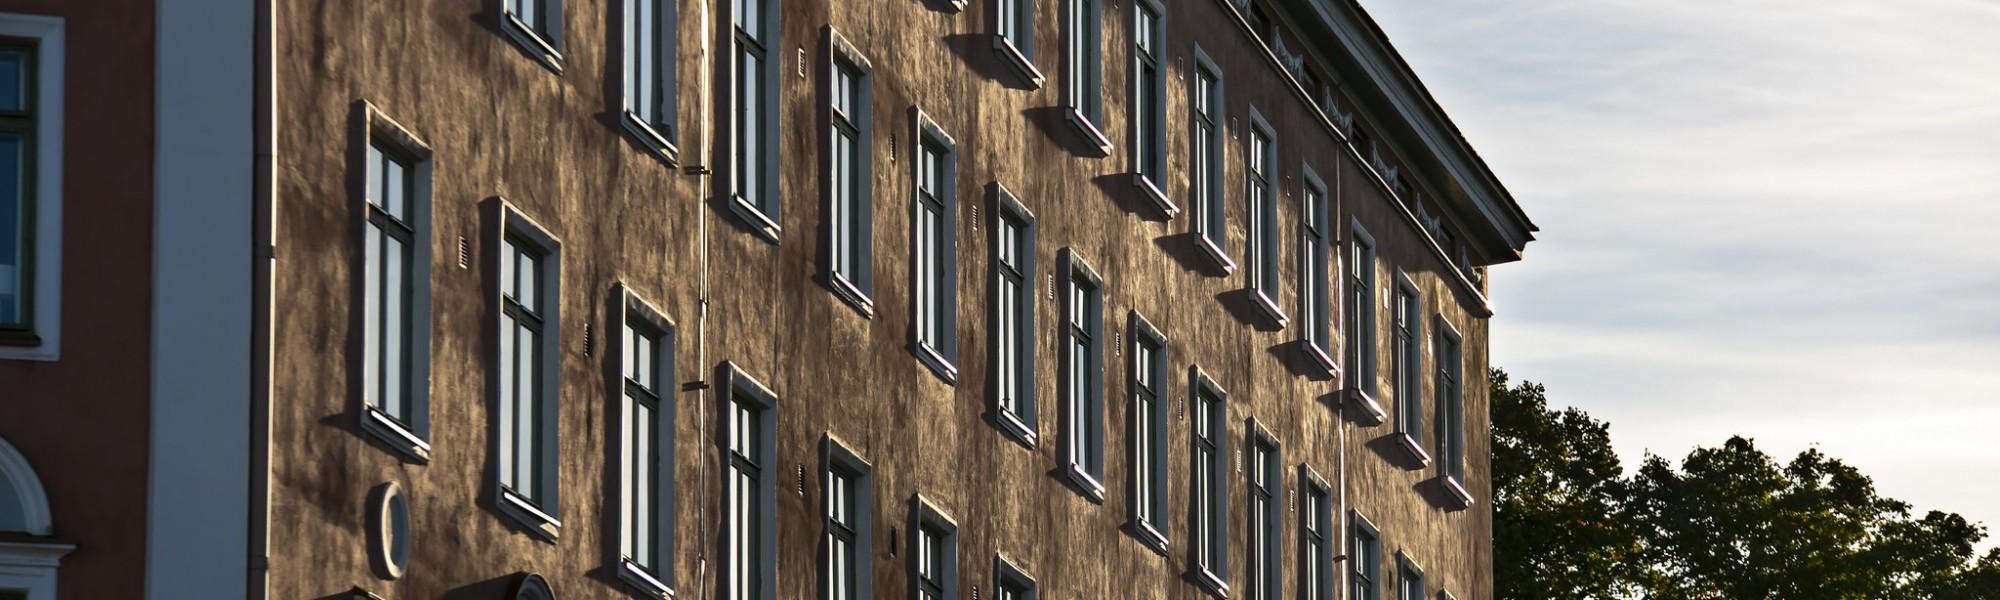 Kuvassa on kerrostalon seinä ja ikkunat